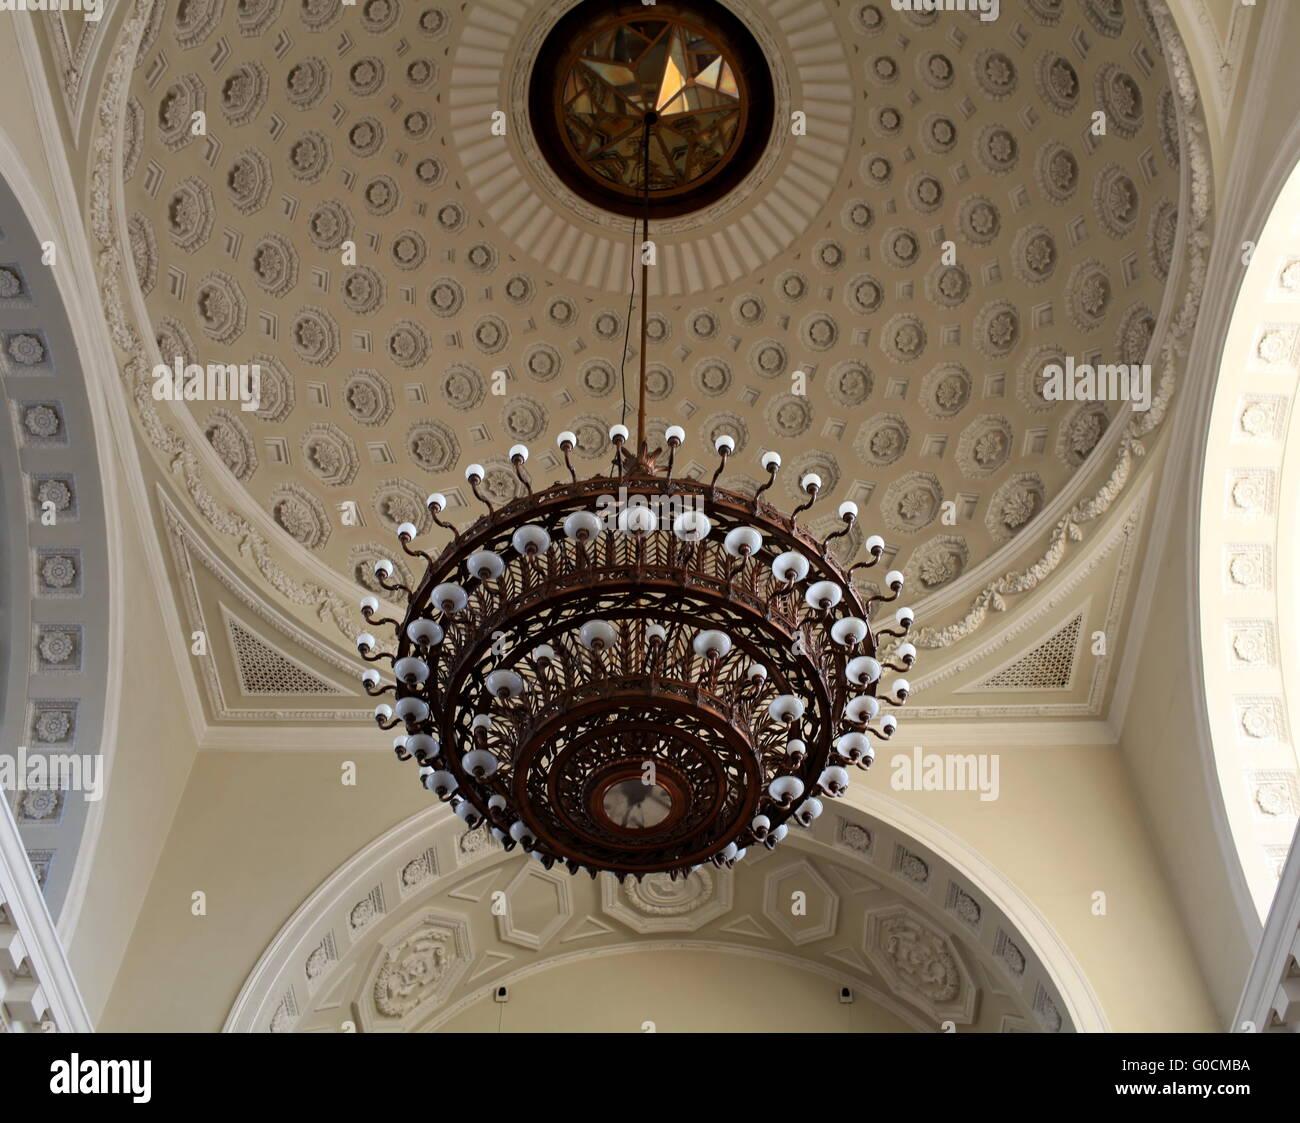 old Bronze chandelier - Stock Image